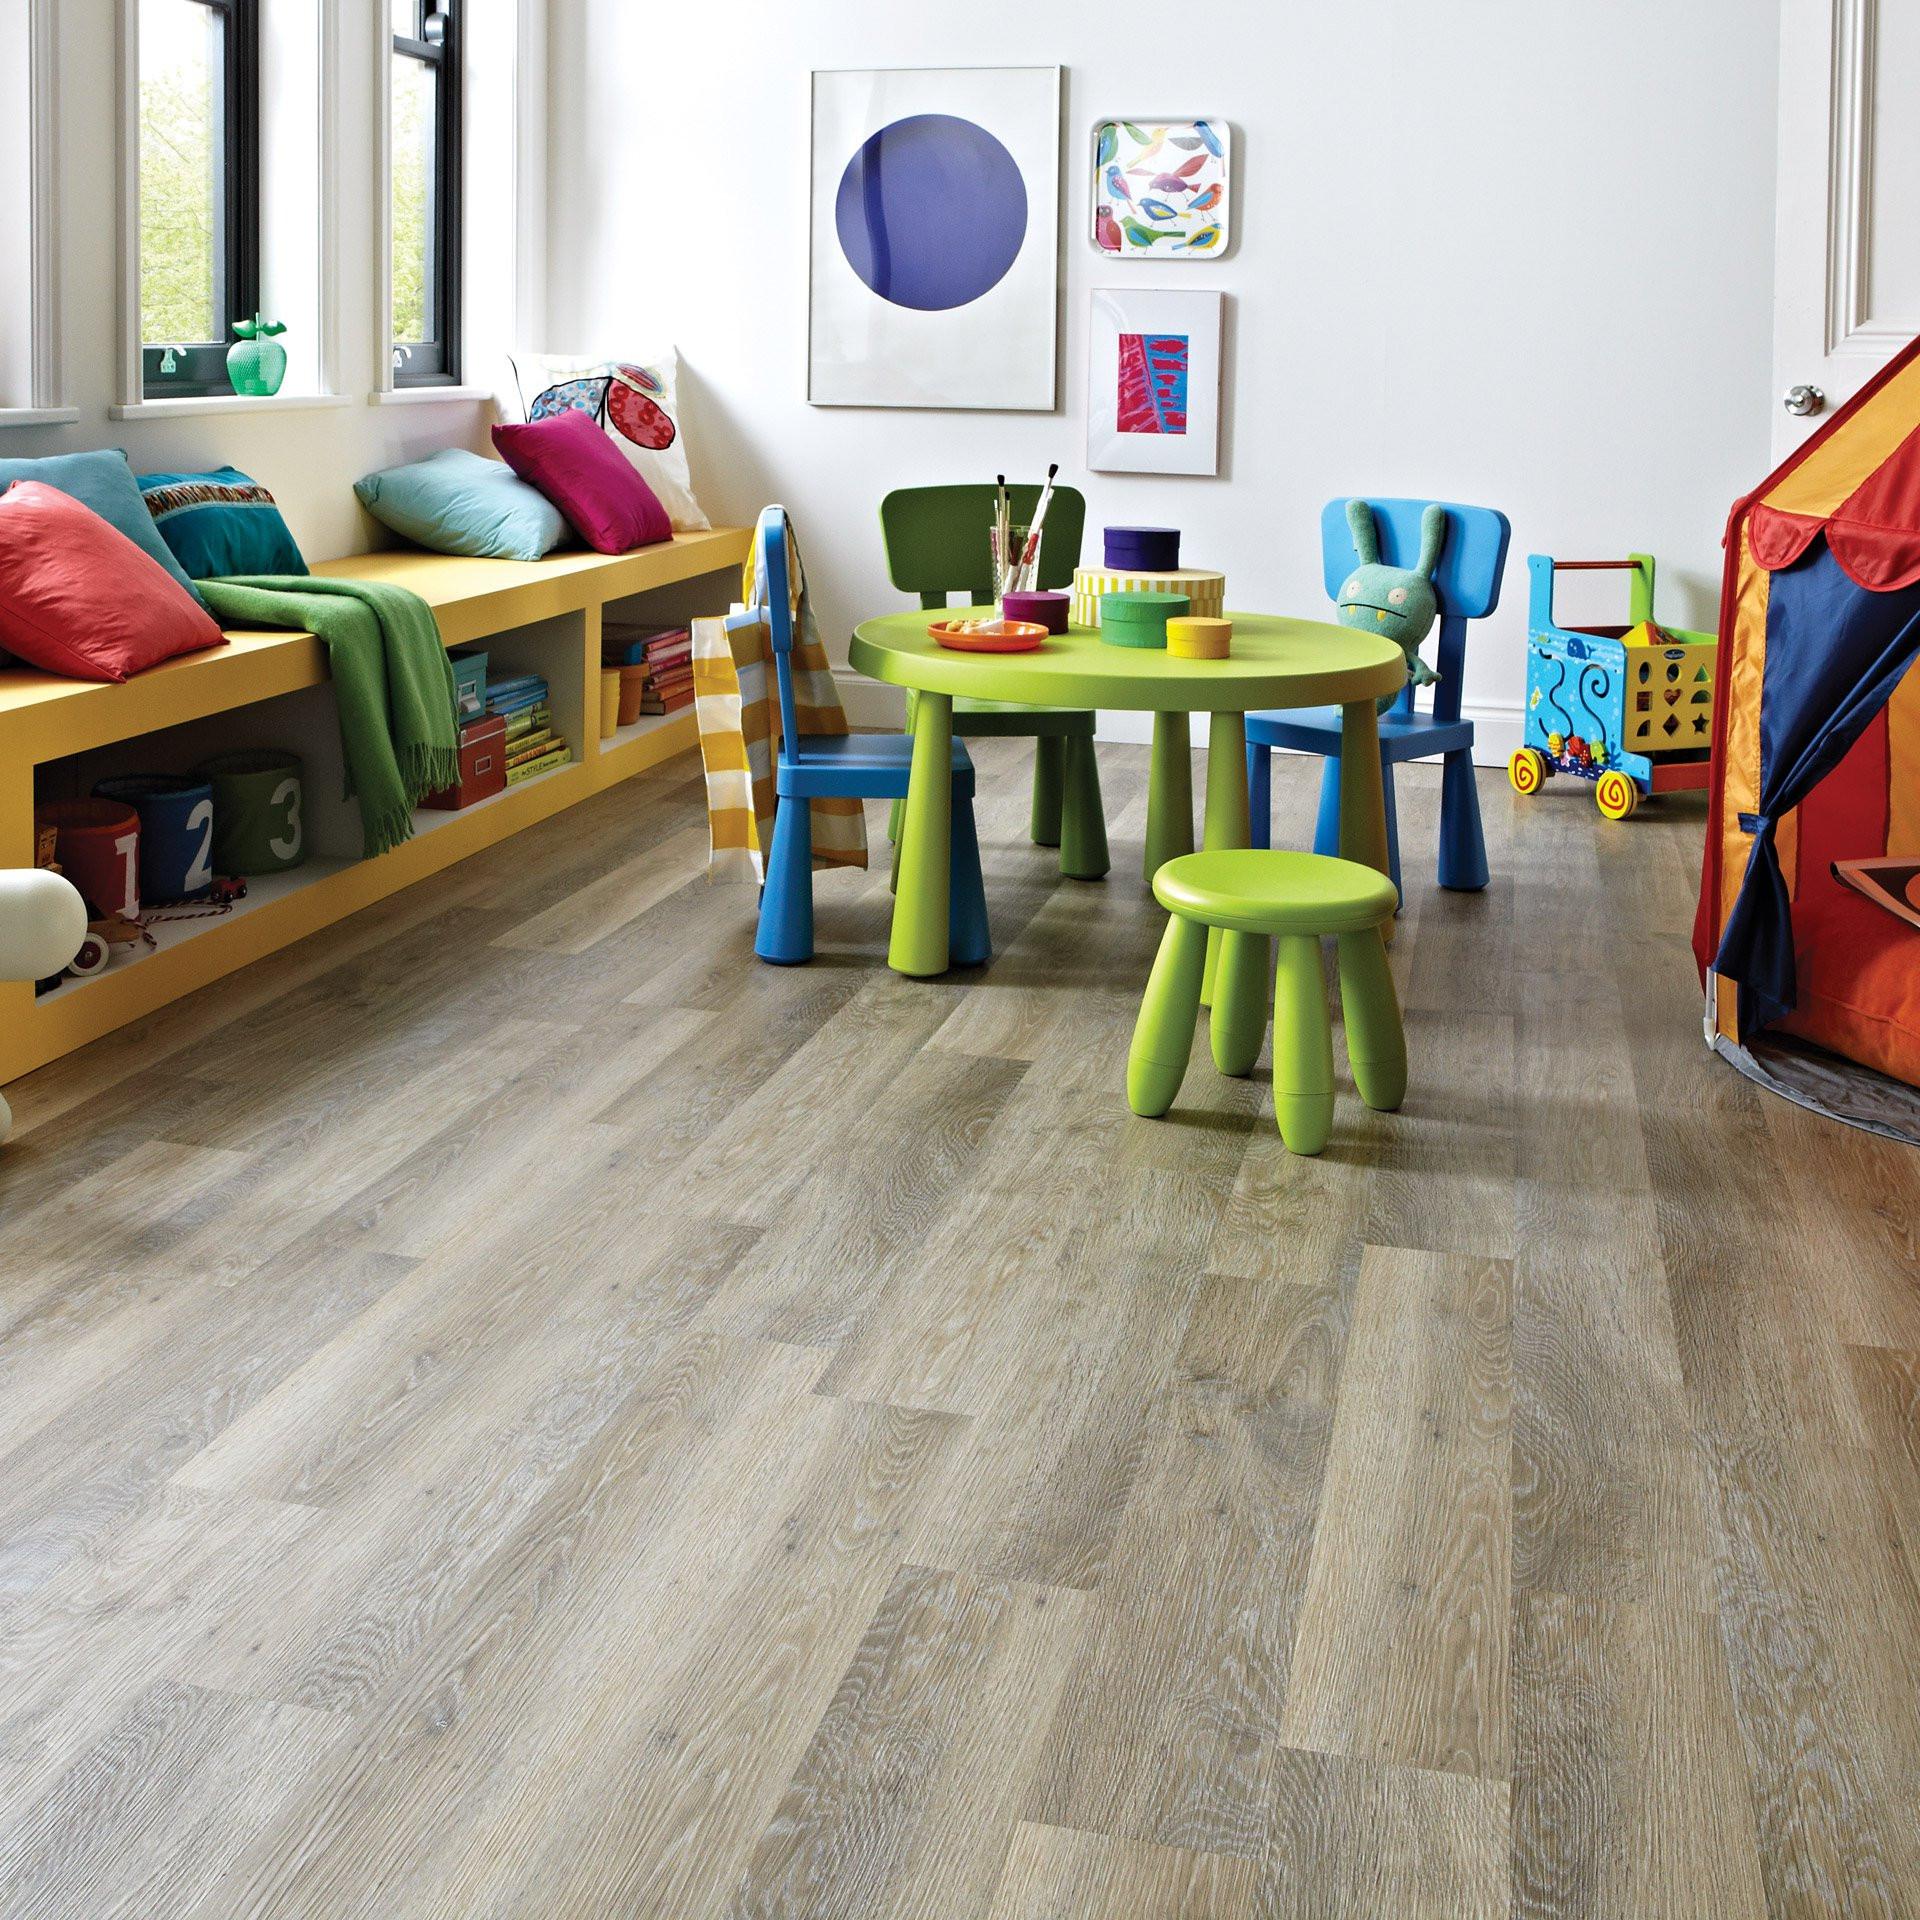 Carpet Tiles For Kids Room  Kids Room Flooring Ideas for Your Home